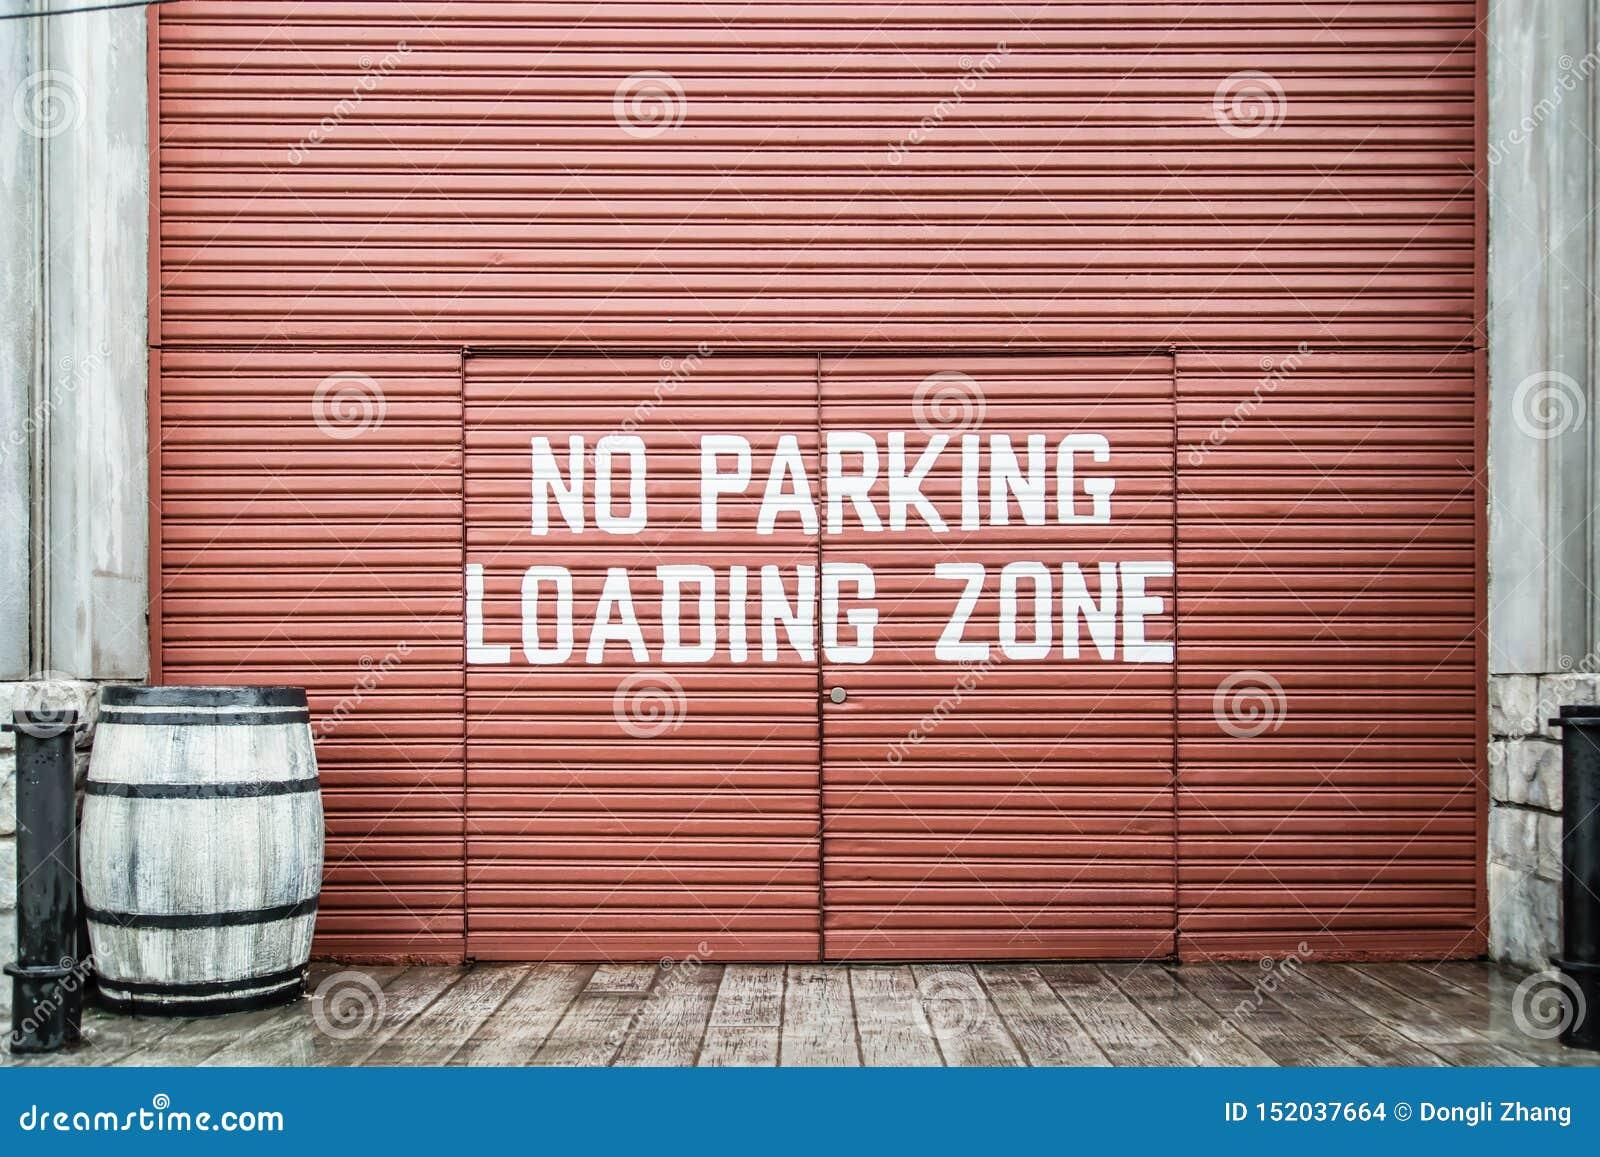 Parkverbot und Laden Signage auf Metalltor